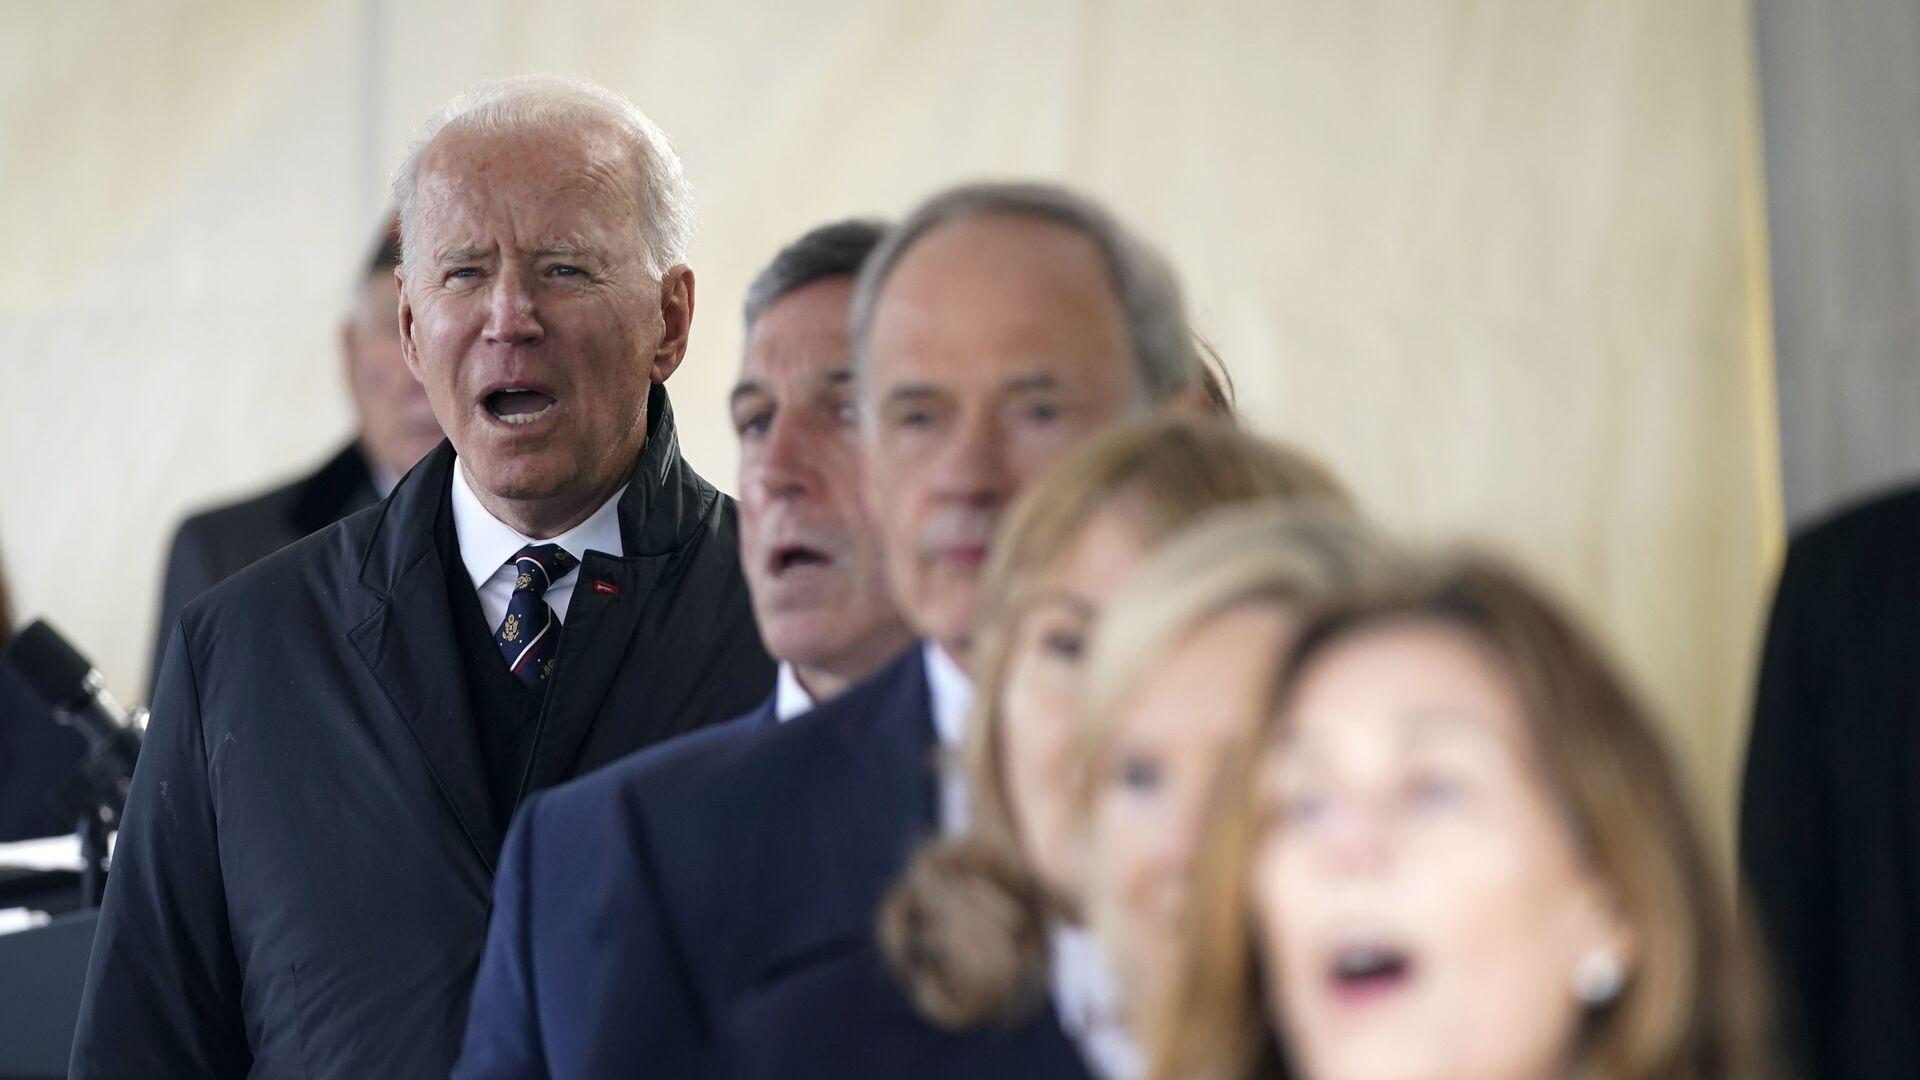 """Prezident Joe Biden zpívá """"God Bless America""""  - Sputnik Česká republika, 1920, 08.06.2021"""